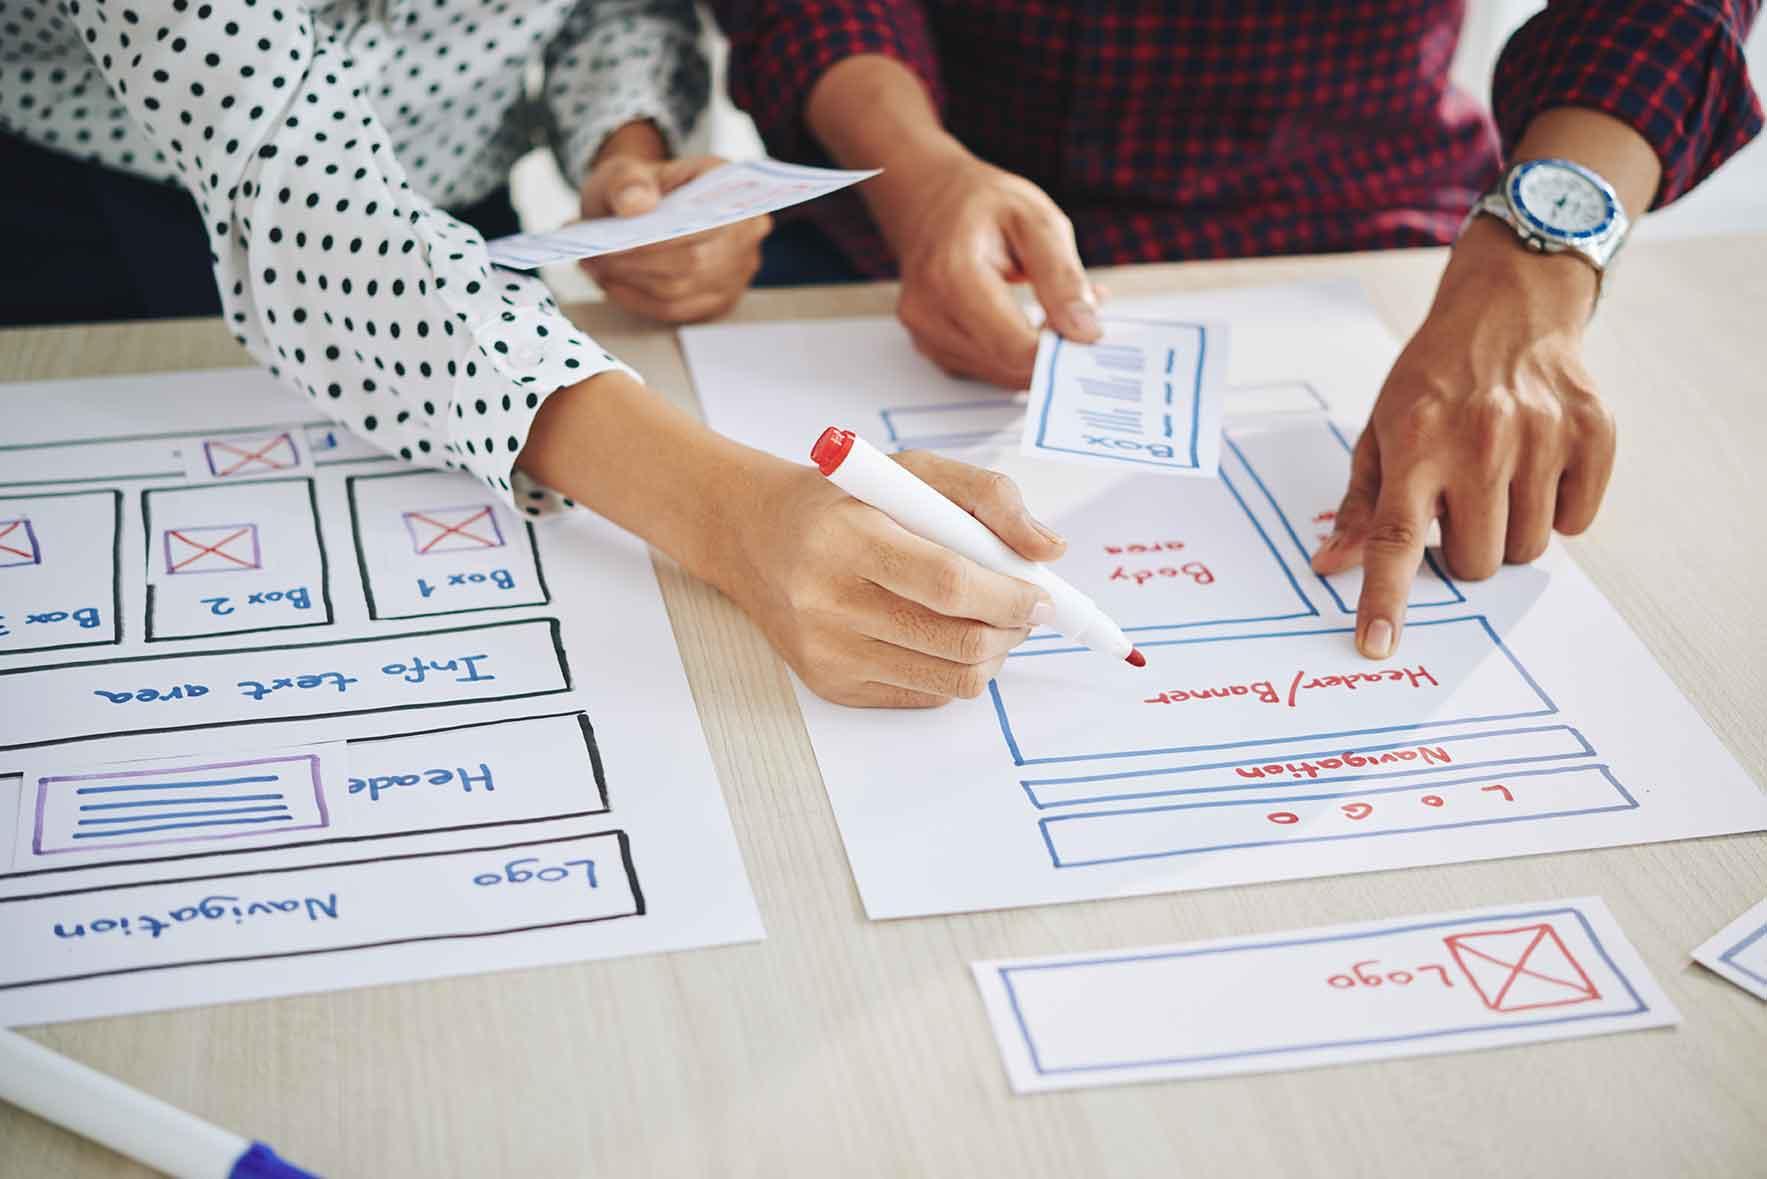 Mehr als zwei Buchstaben: Mit UX Design Kunden dauerhaft digital binden